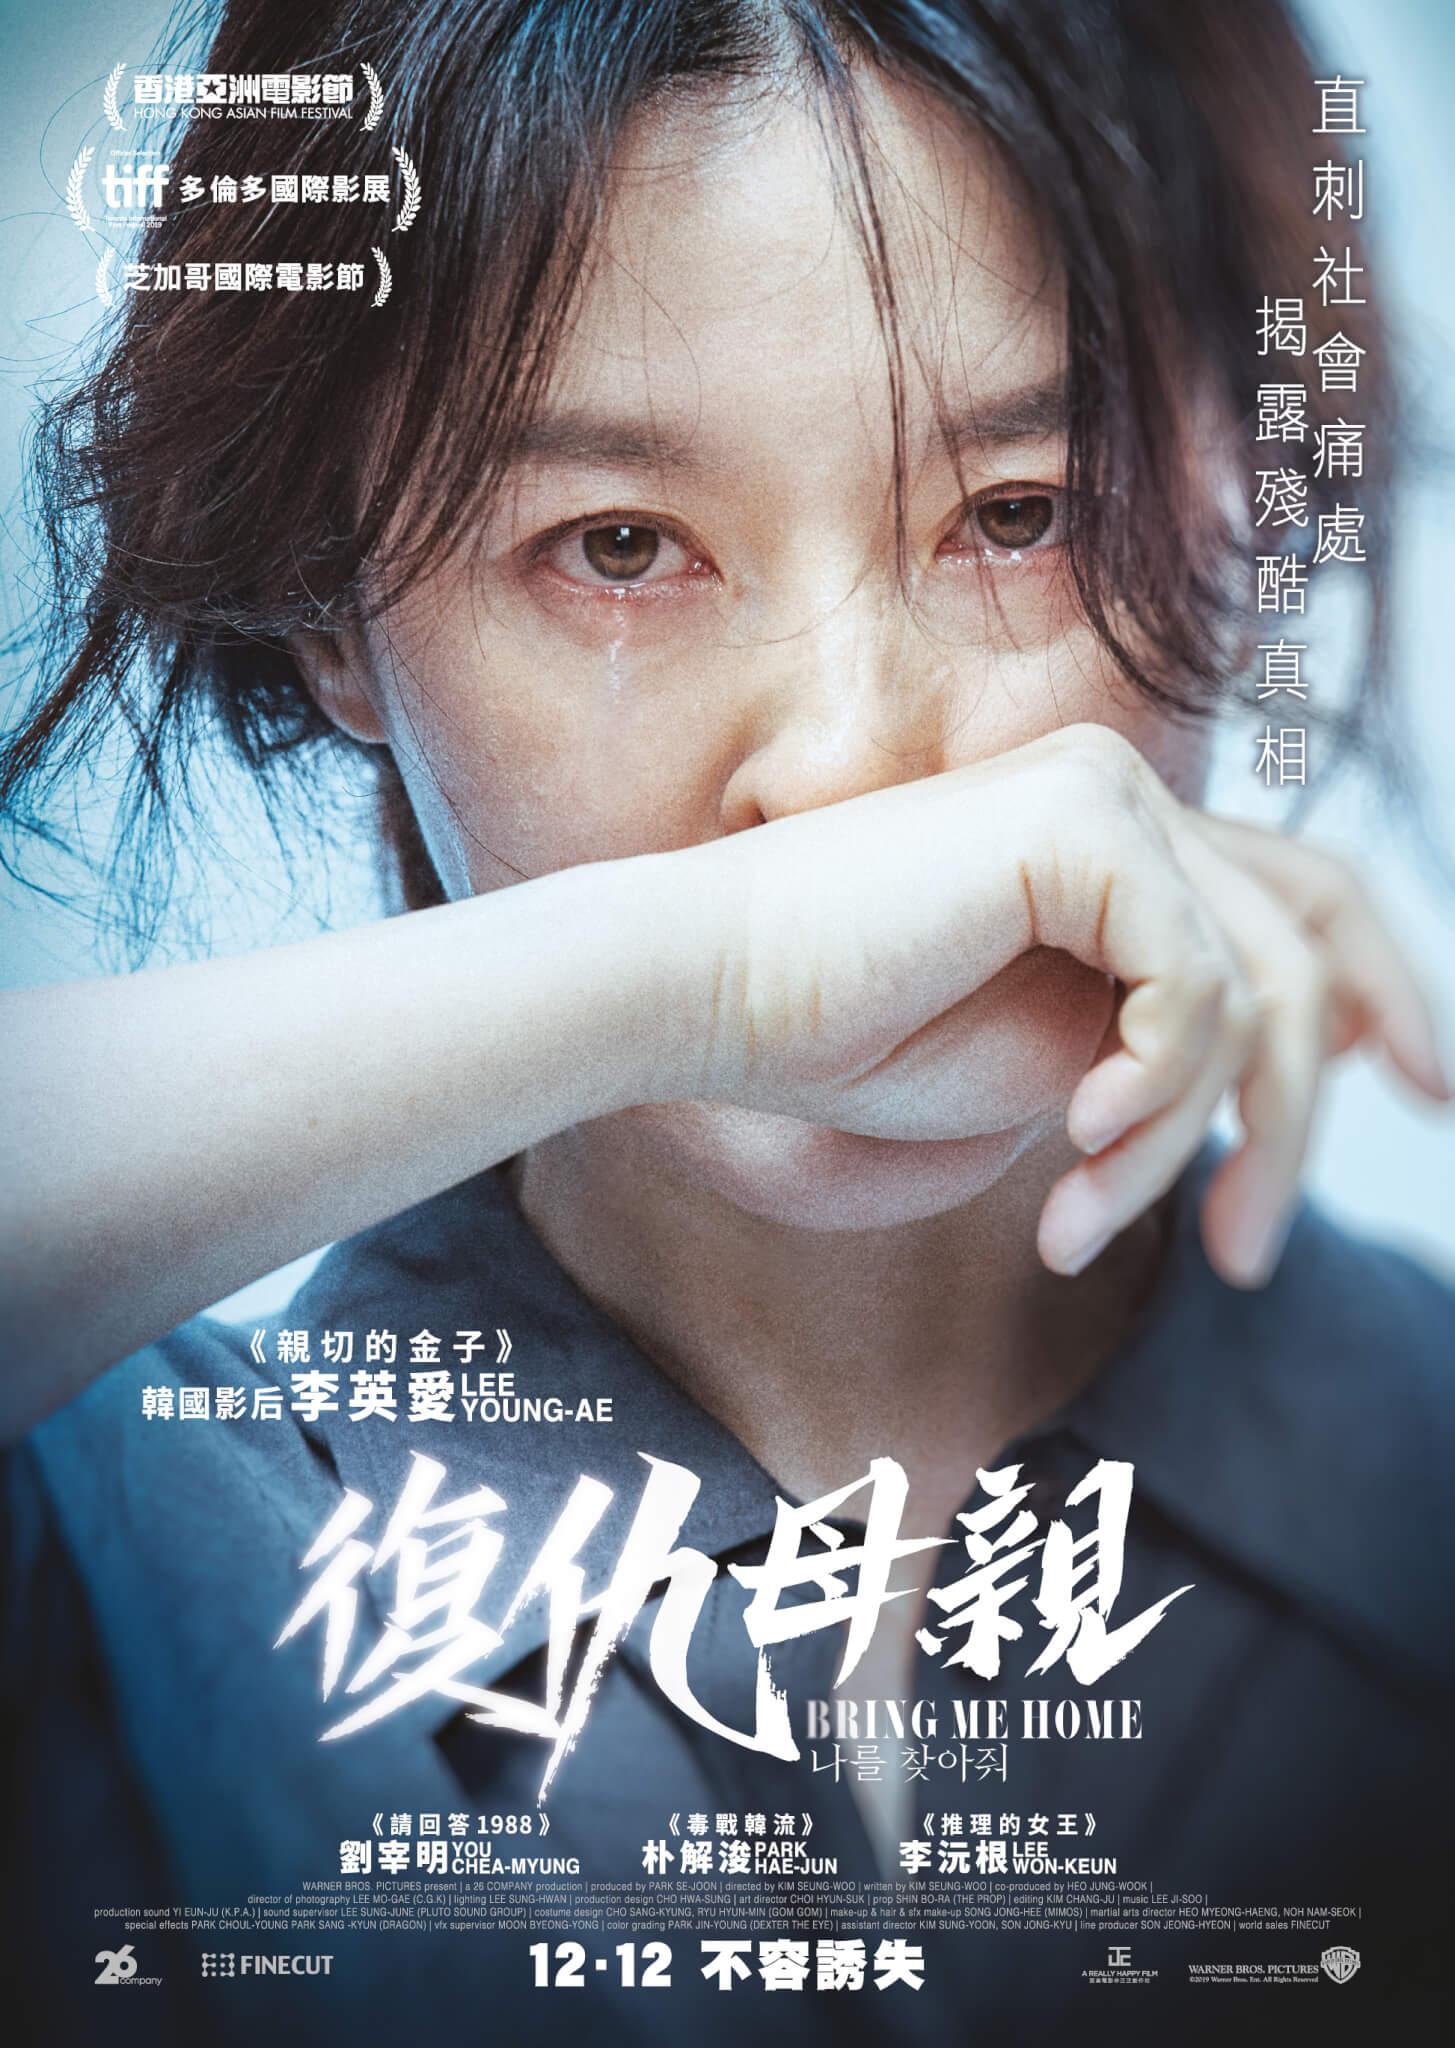 《復仇母親》是李英愛的電影復出作,可惜遇上勁敵《魔雪奇緣2》,觀映人數僅六十多萬。